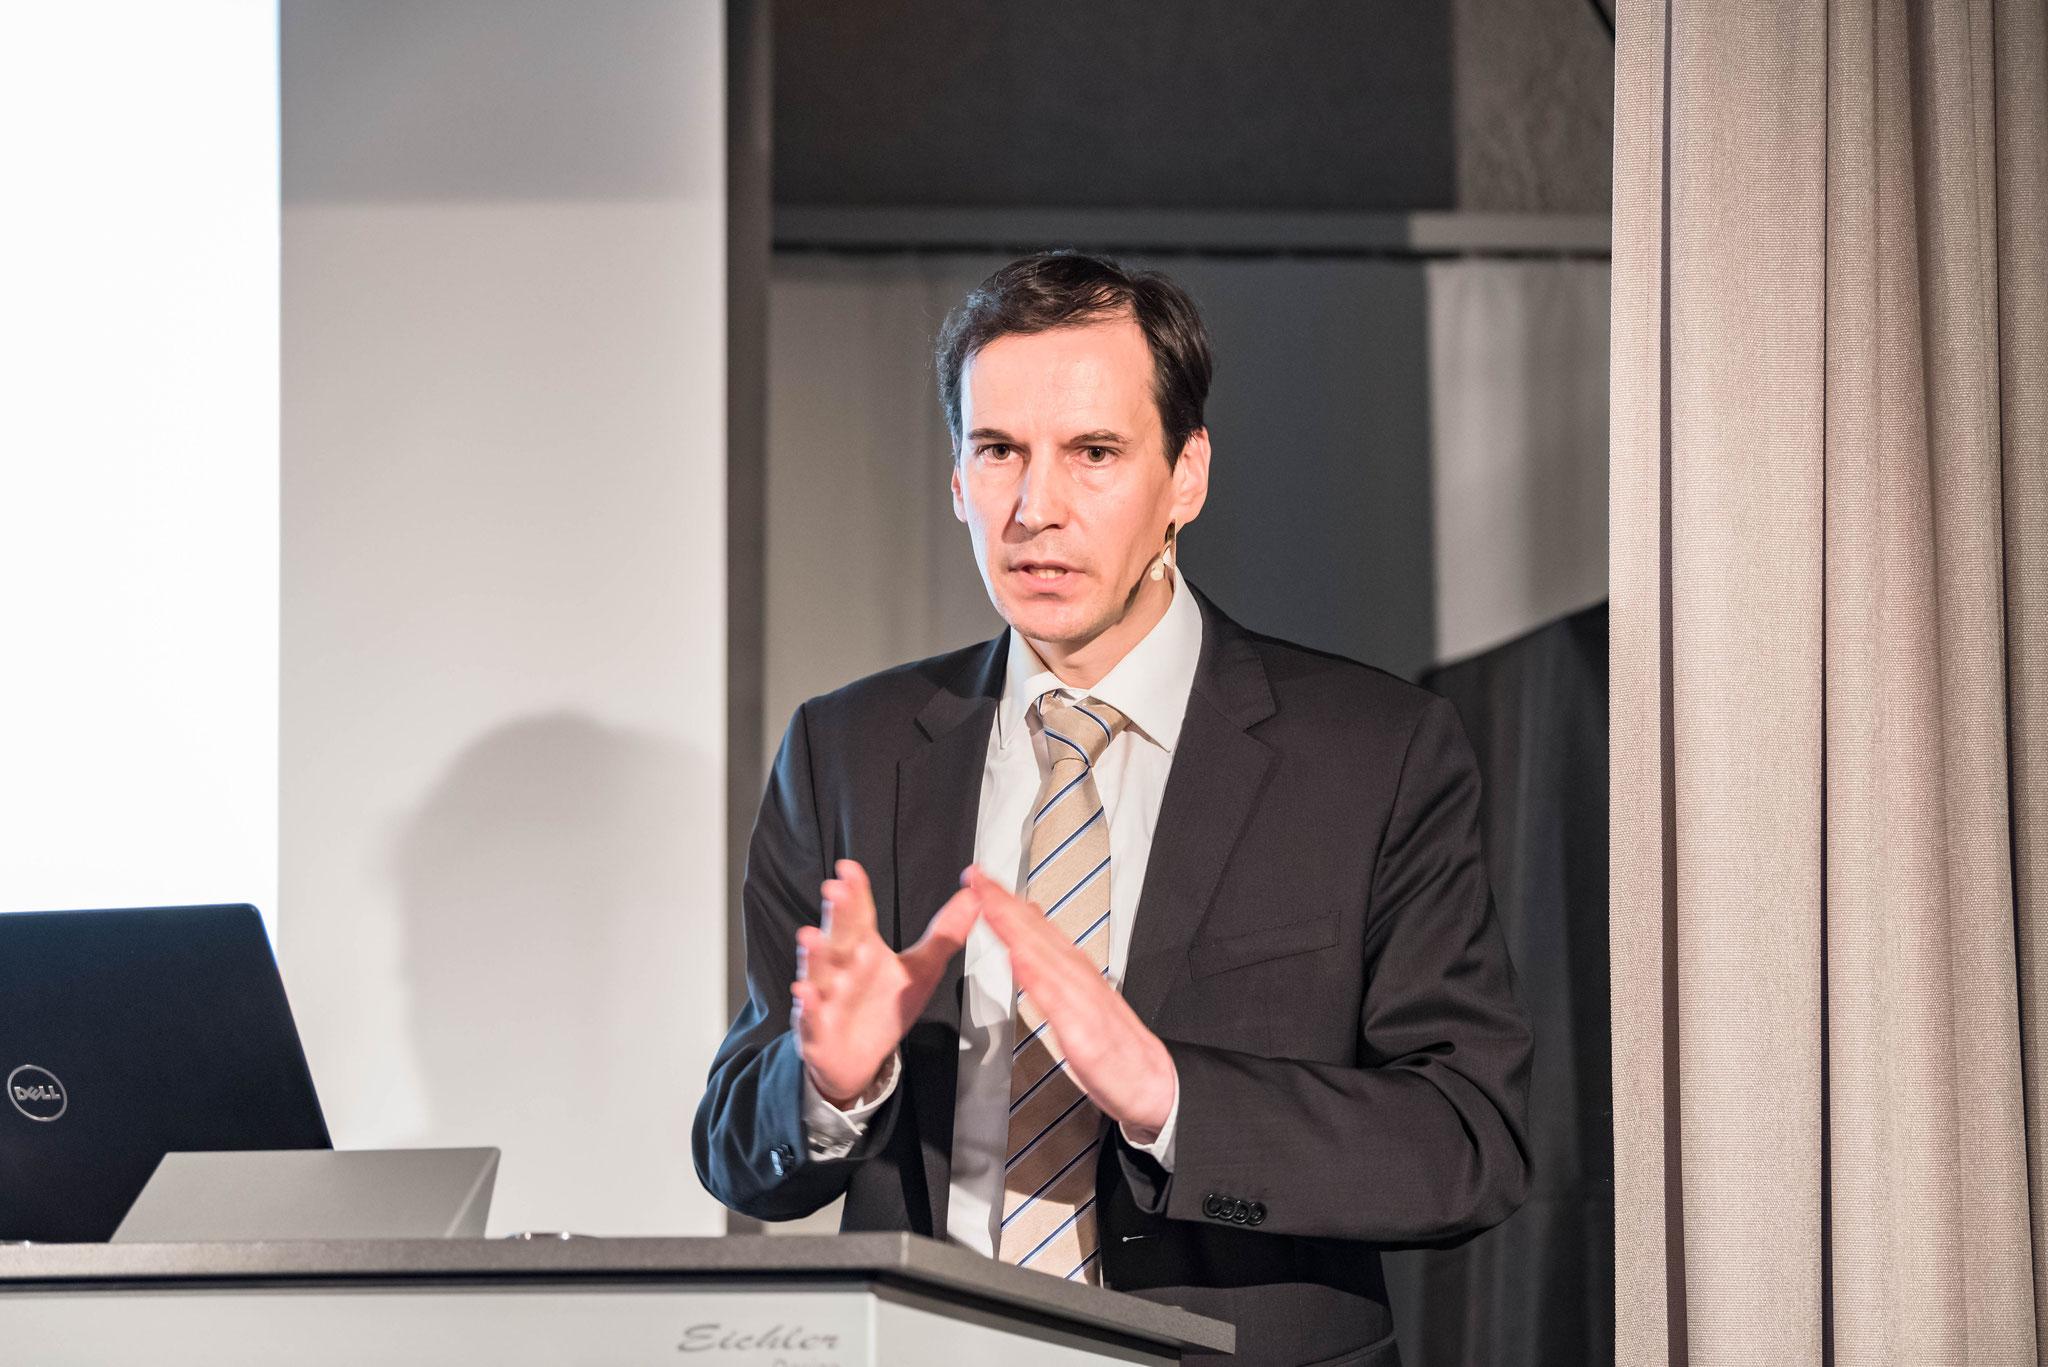 PD Dr. Lorenz Engi (privat-docent à l'Université de Saint-Gall, délégué aux questions religieuses à la Direction de la justice et de l'intérieur du canton de Zurich)